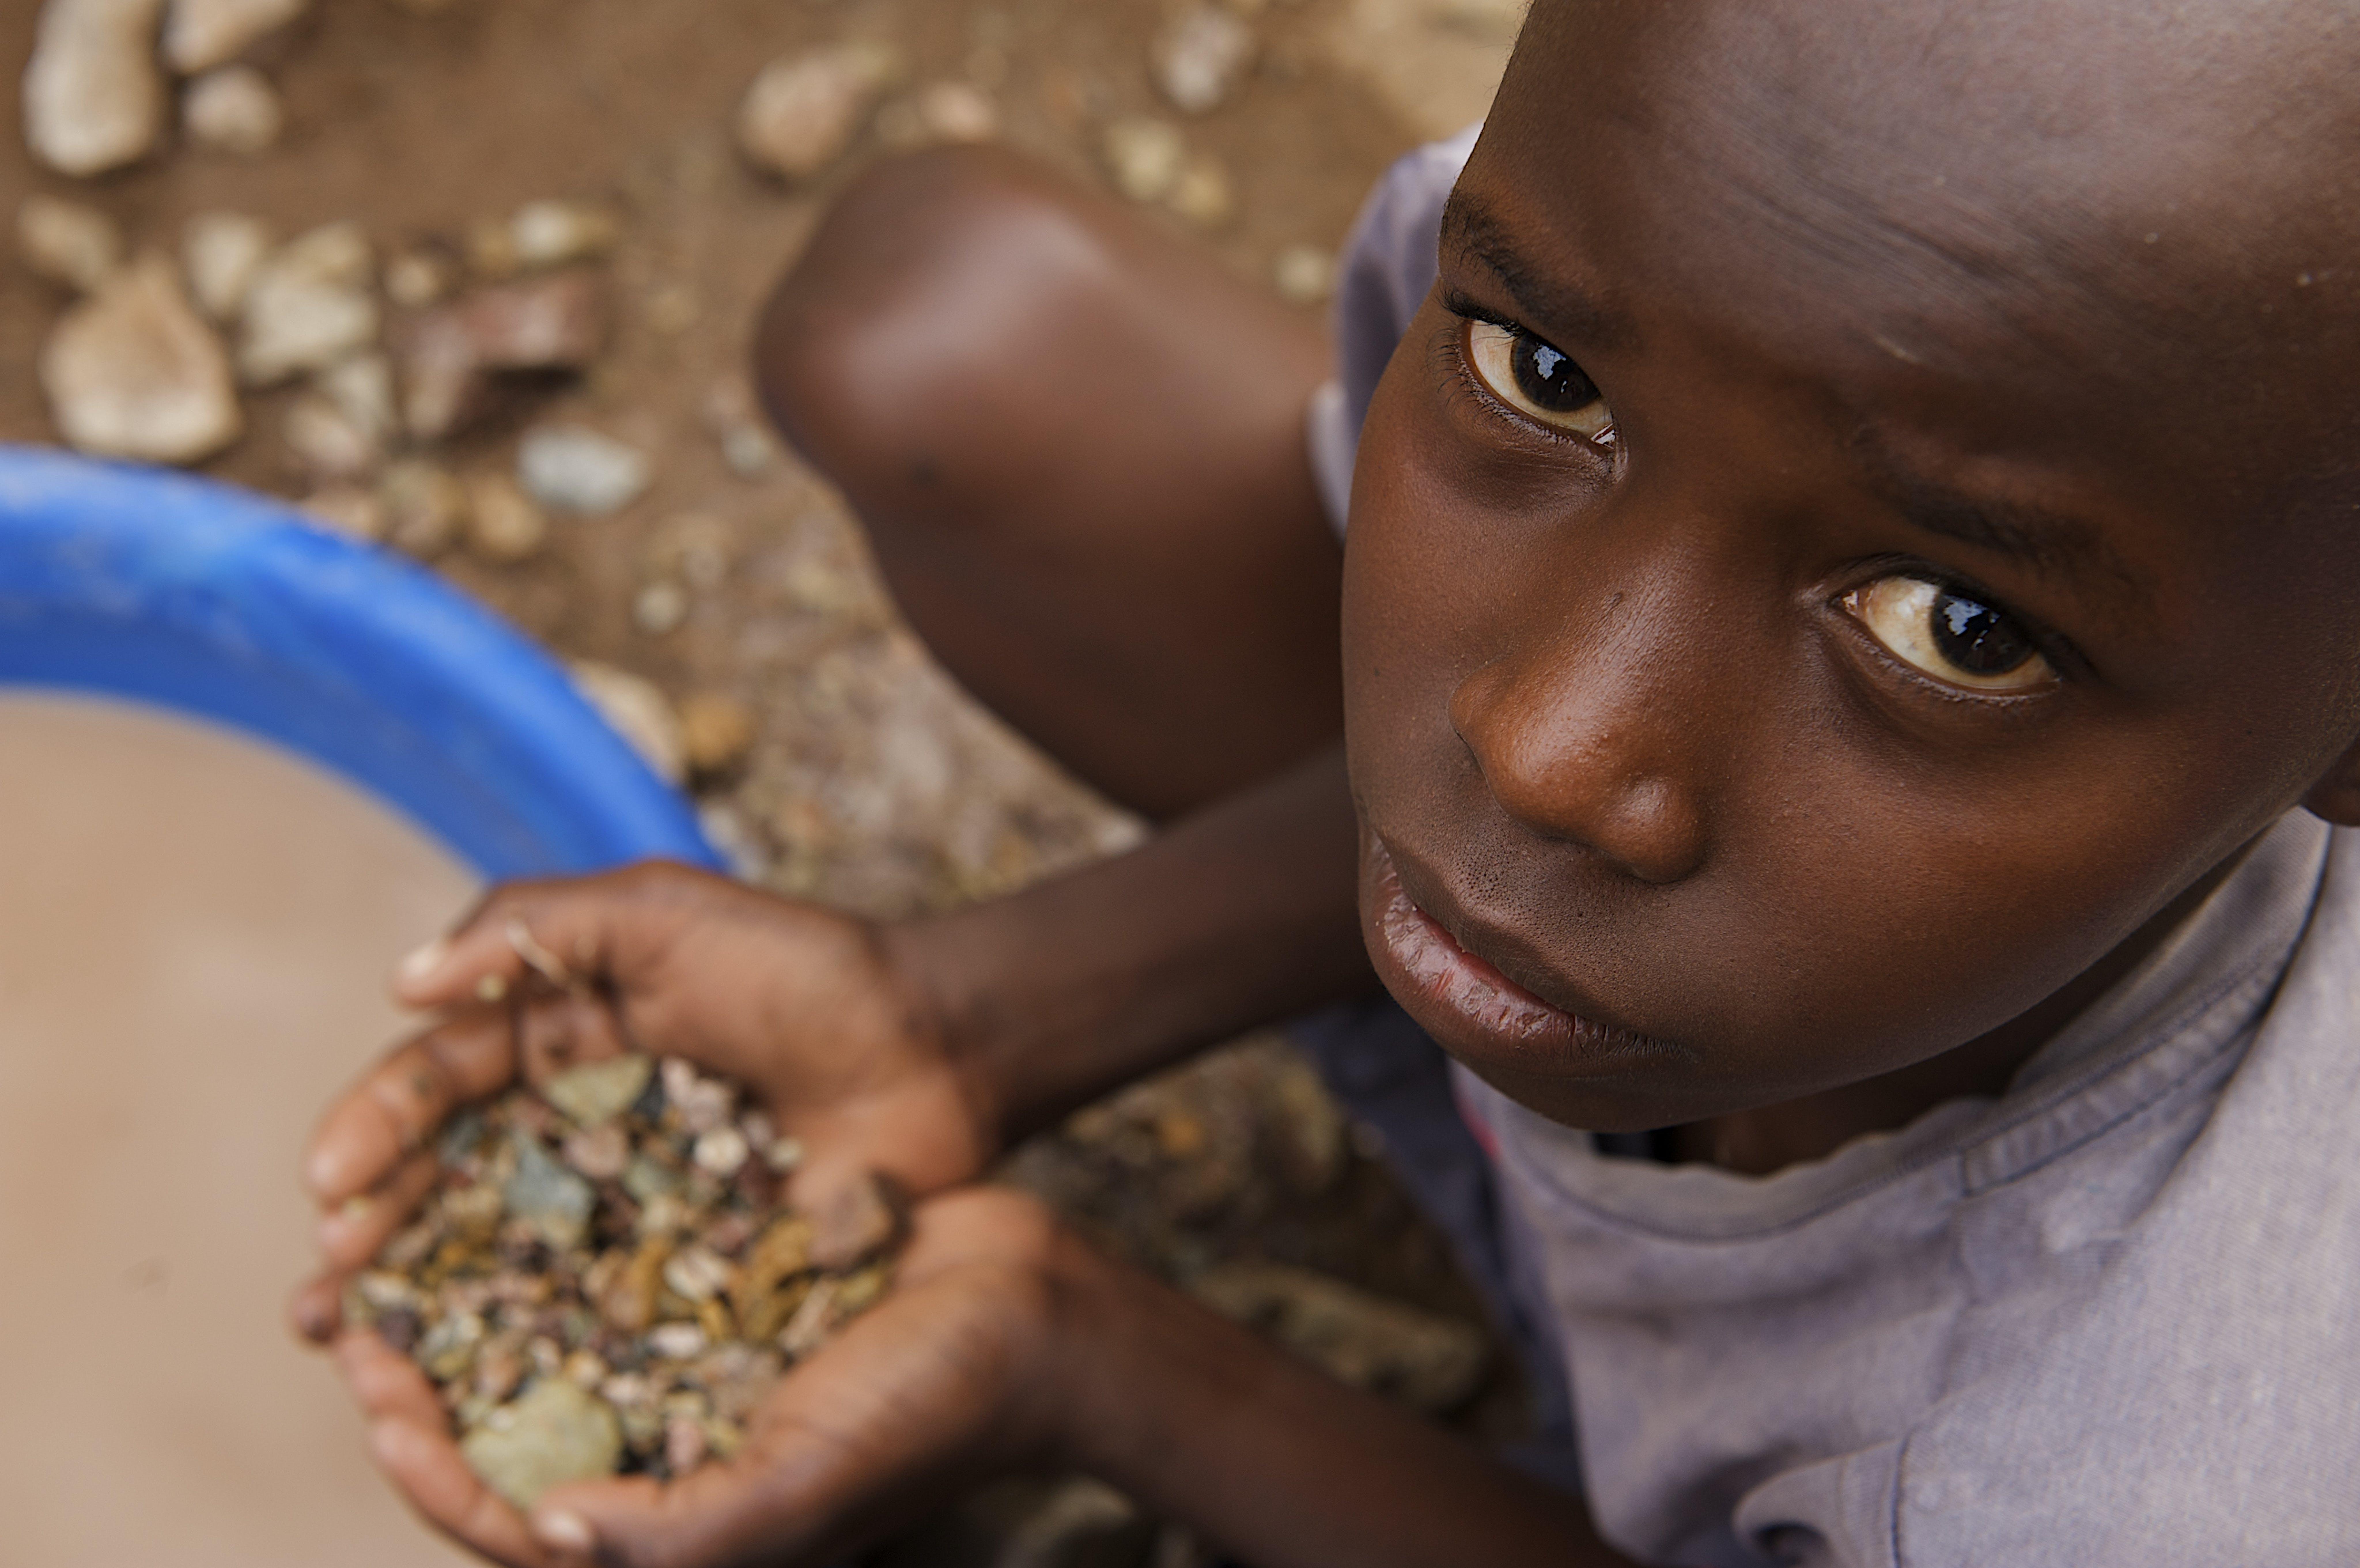 Tanzania, un bambino seduto a cercare oro tra le pietre, nella città mineraria di Nyamongo.